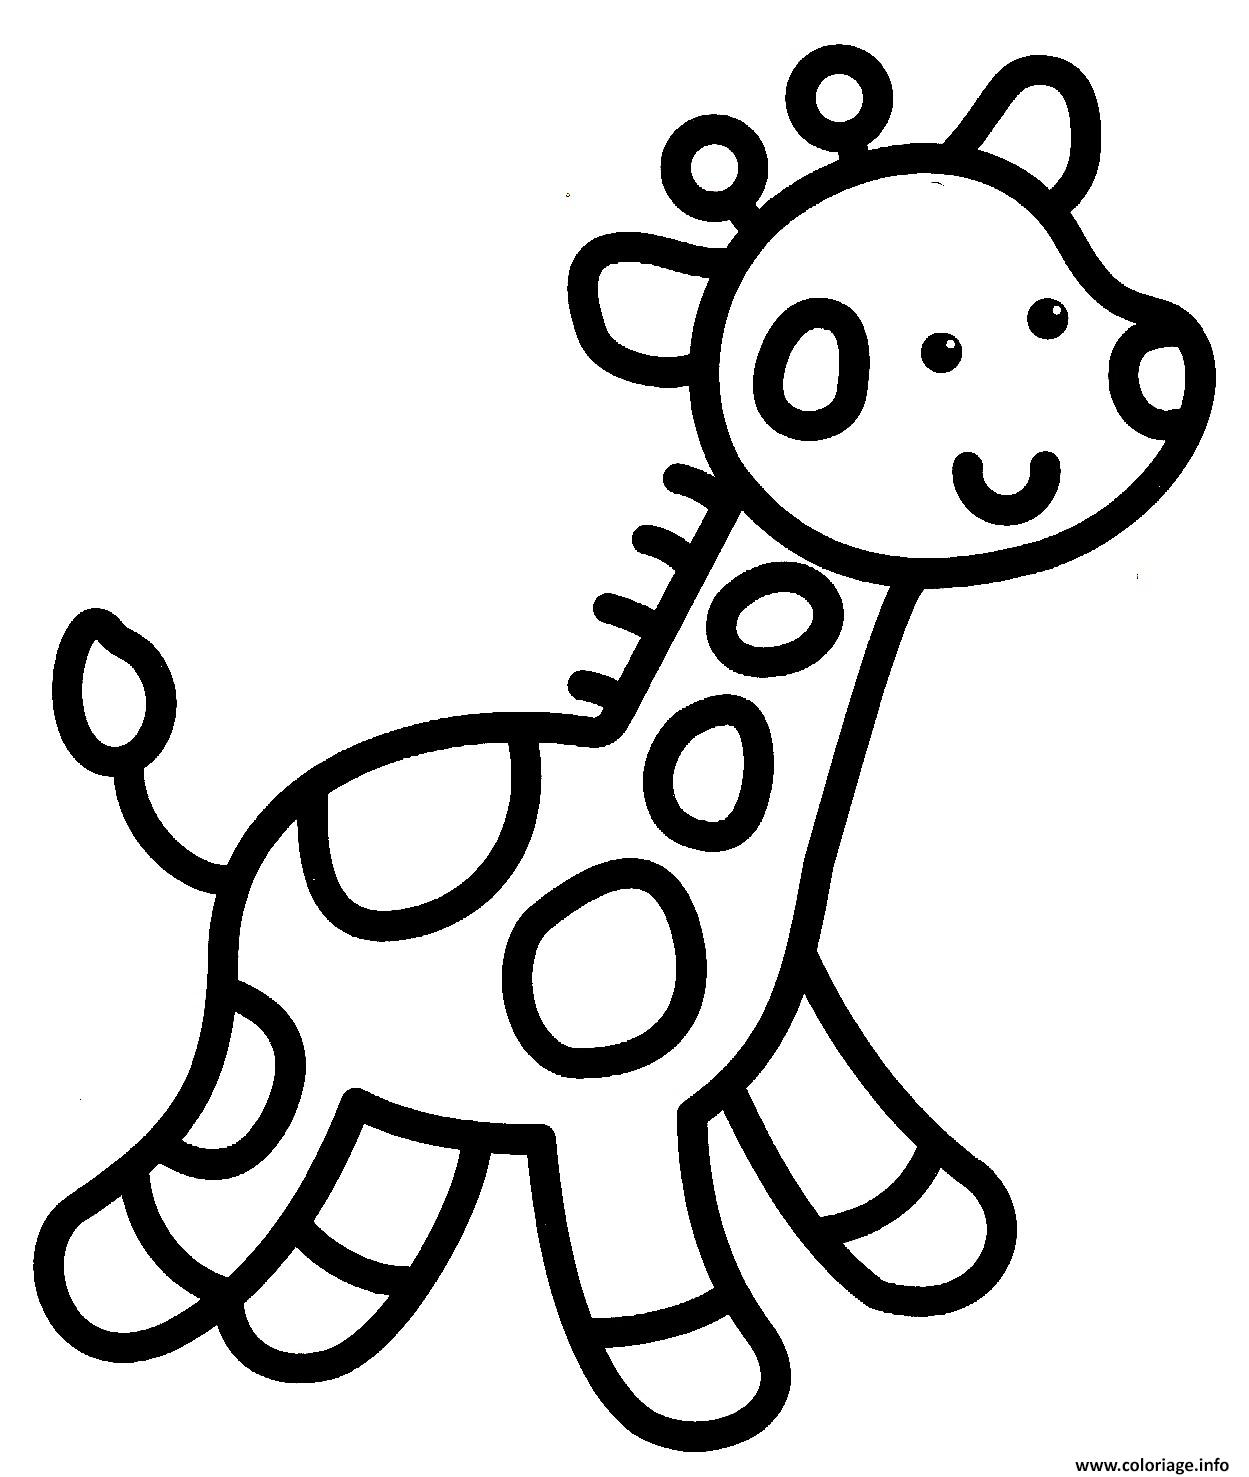 Coloriage Giraffe Facile Enfant Maternelle Dessin pour Dessin Facile Pour Enfant